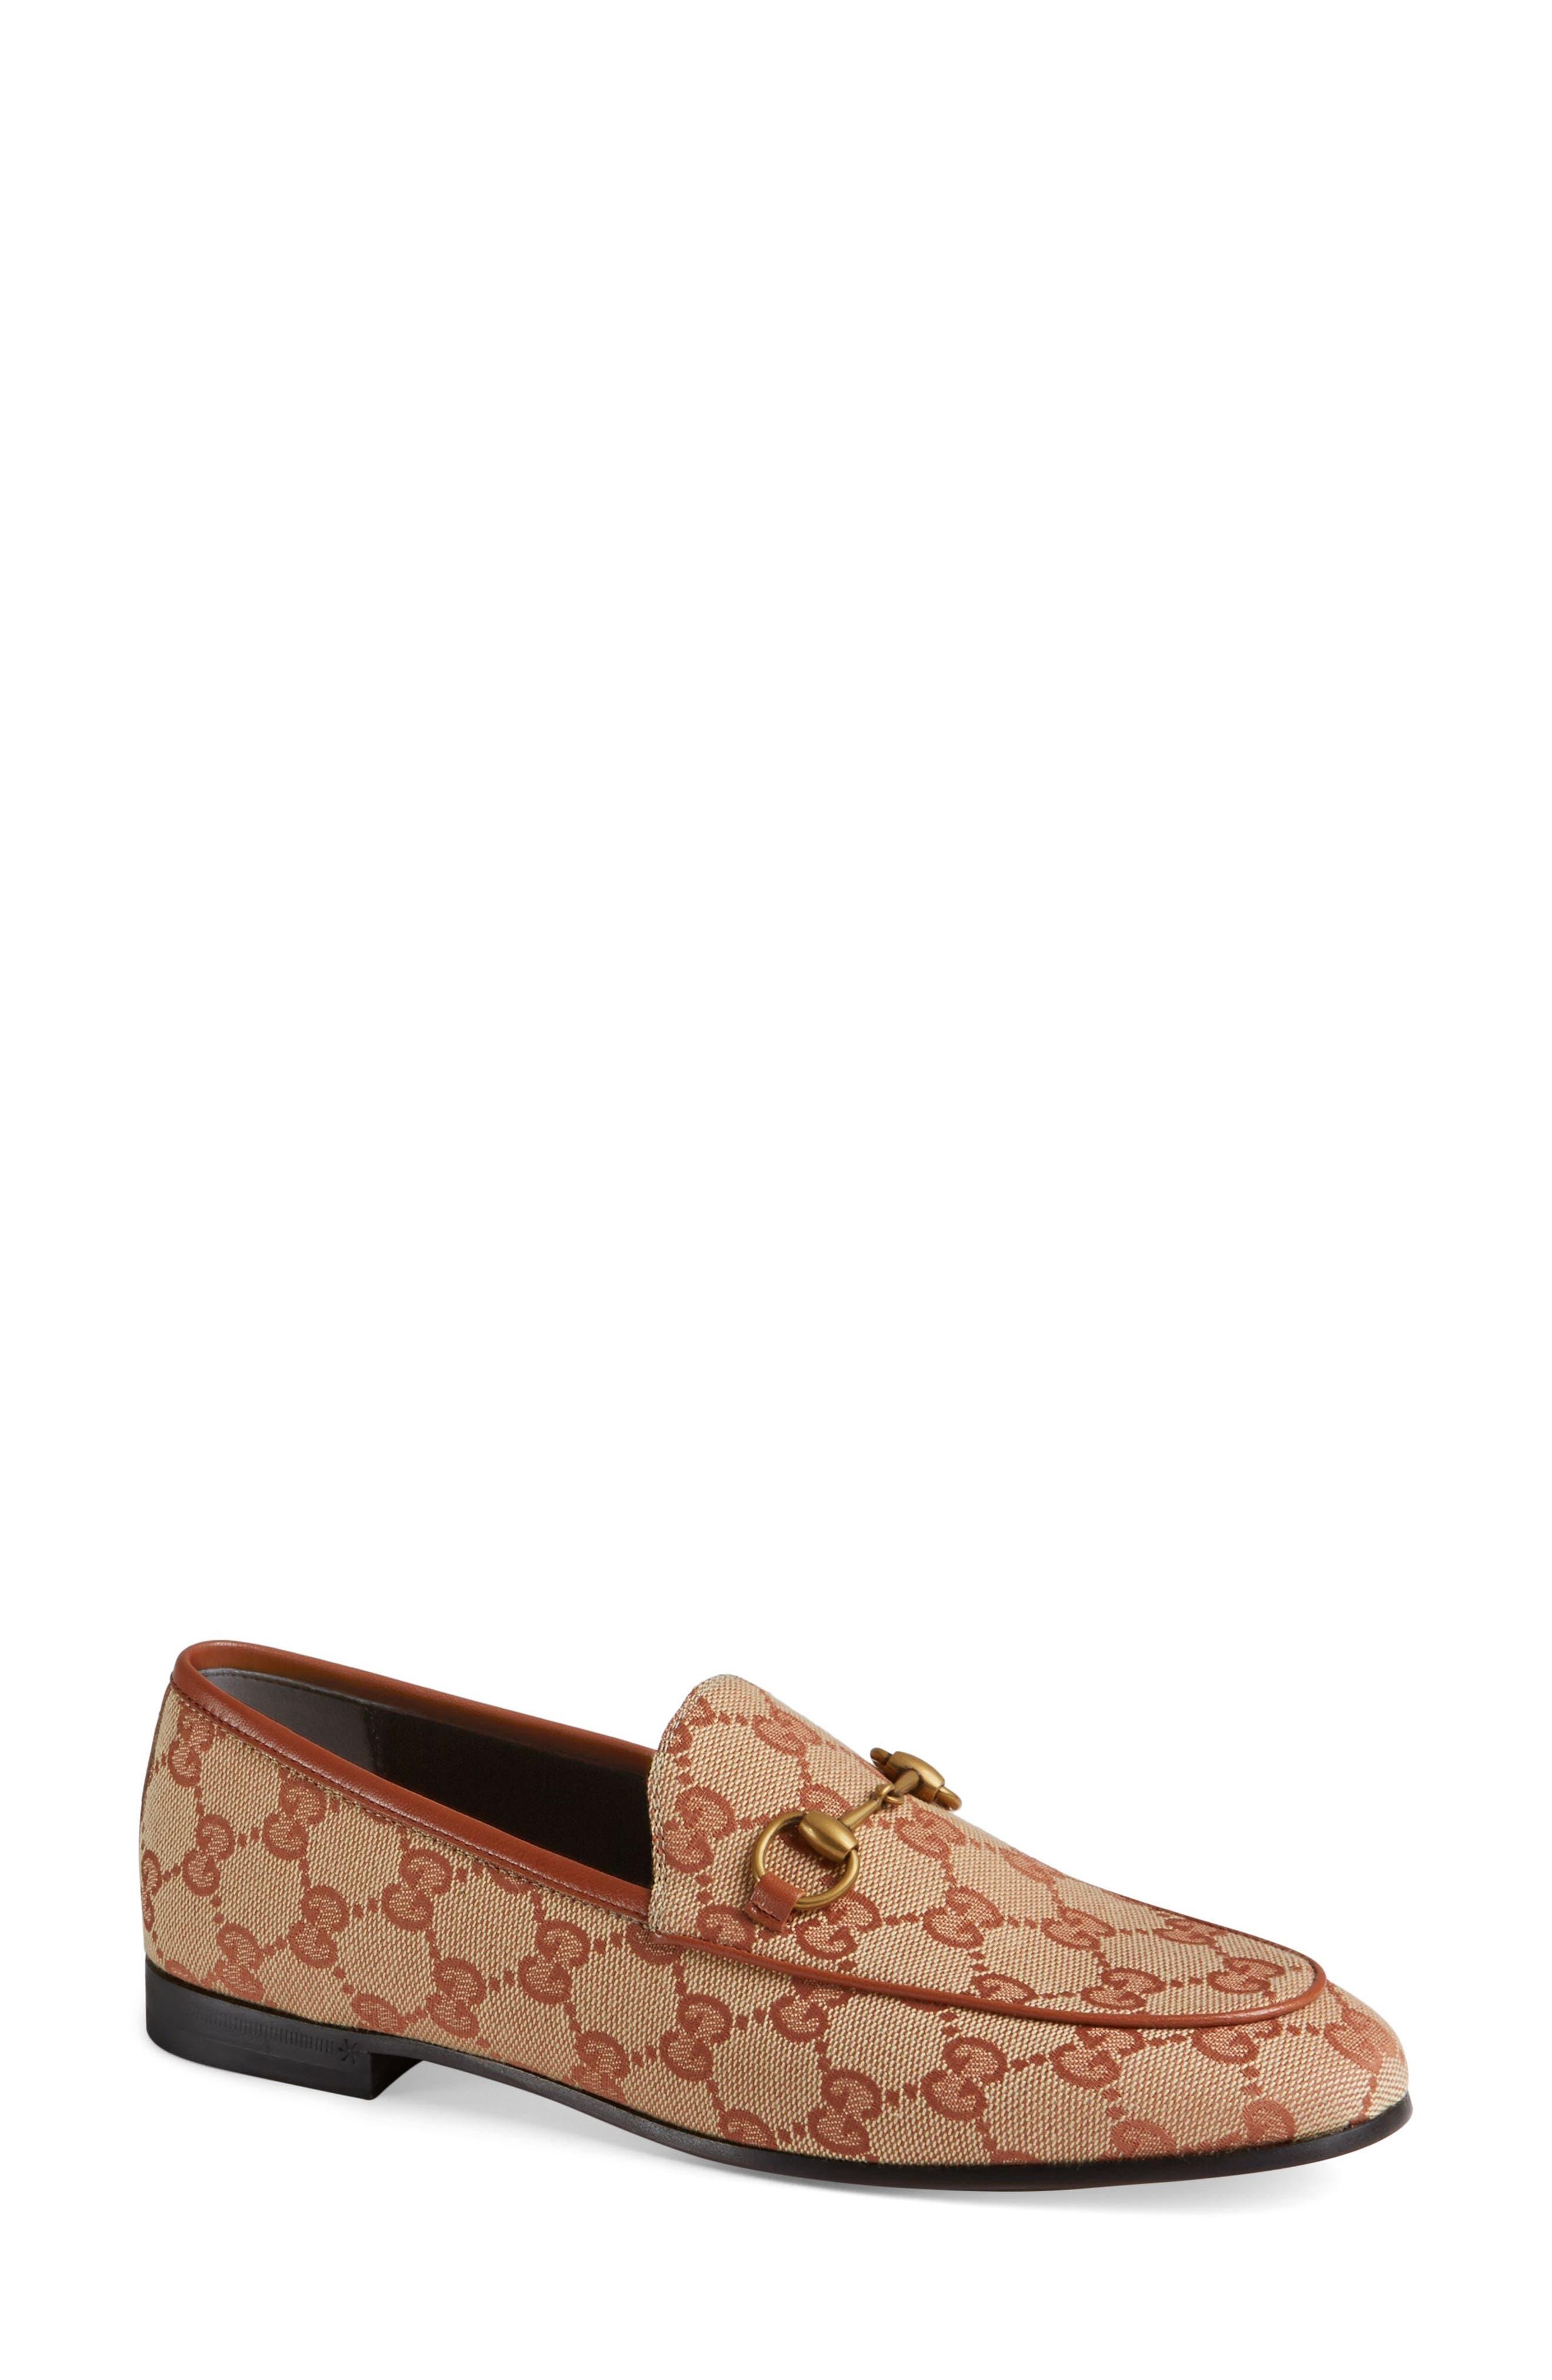 New Jordaan Loafer,                         Main,                         color, BEIGE